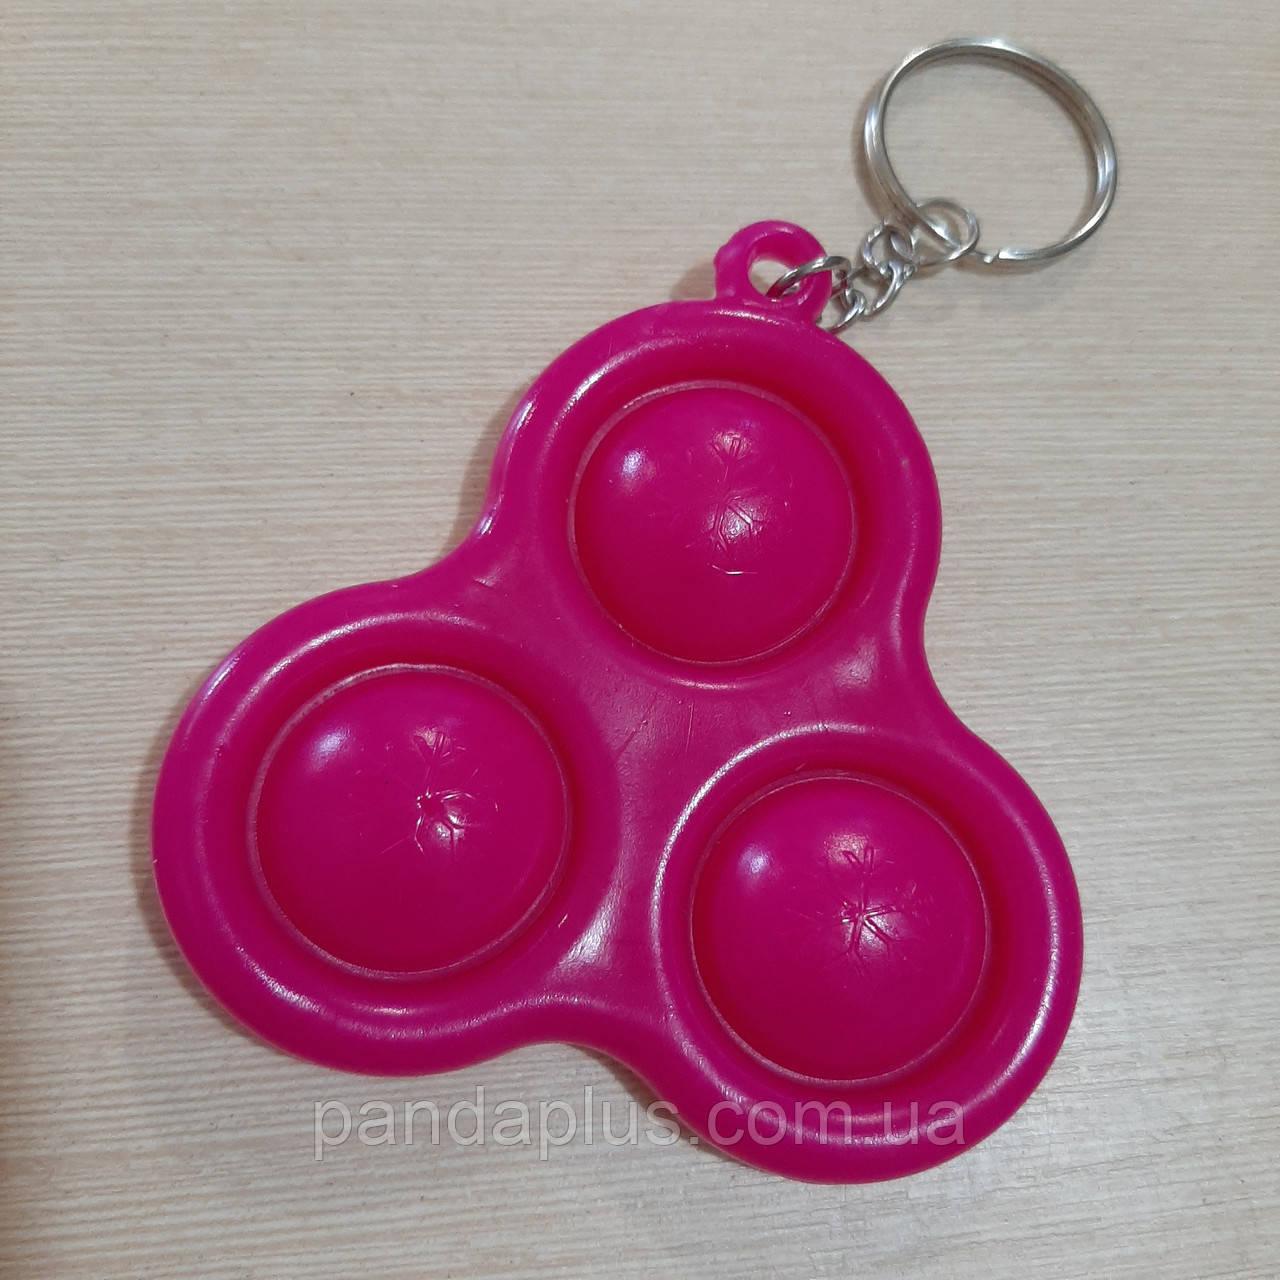 Антистресс POP IT Брелок Пупырка Simple Dimple Тройной Игрушка для Снятия Стресса Новинка розовый